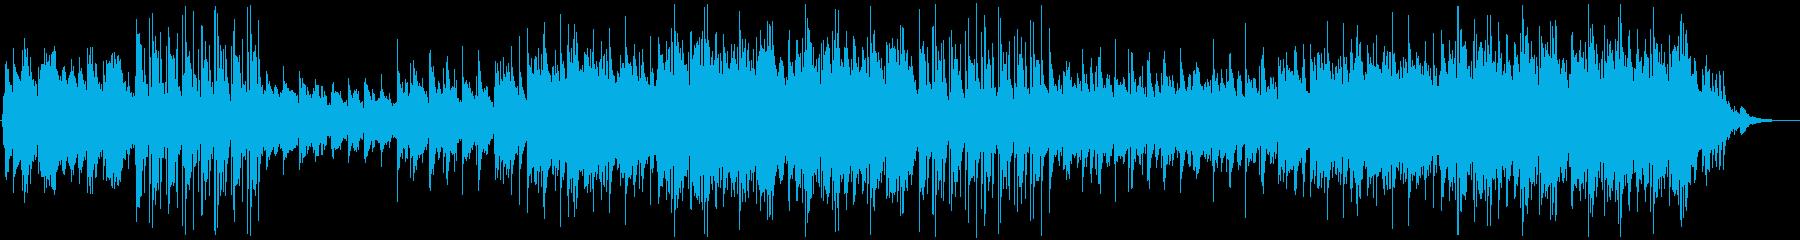 ファンタジー・未開の土地・ケルト音楽の再生済みの波形